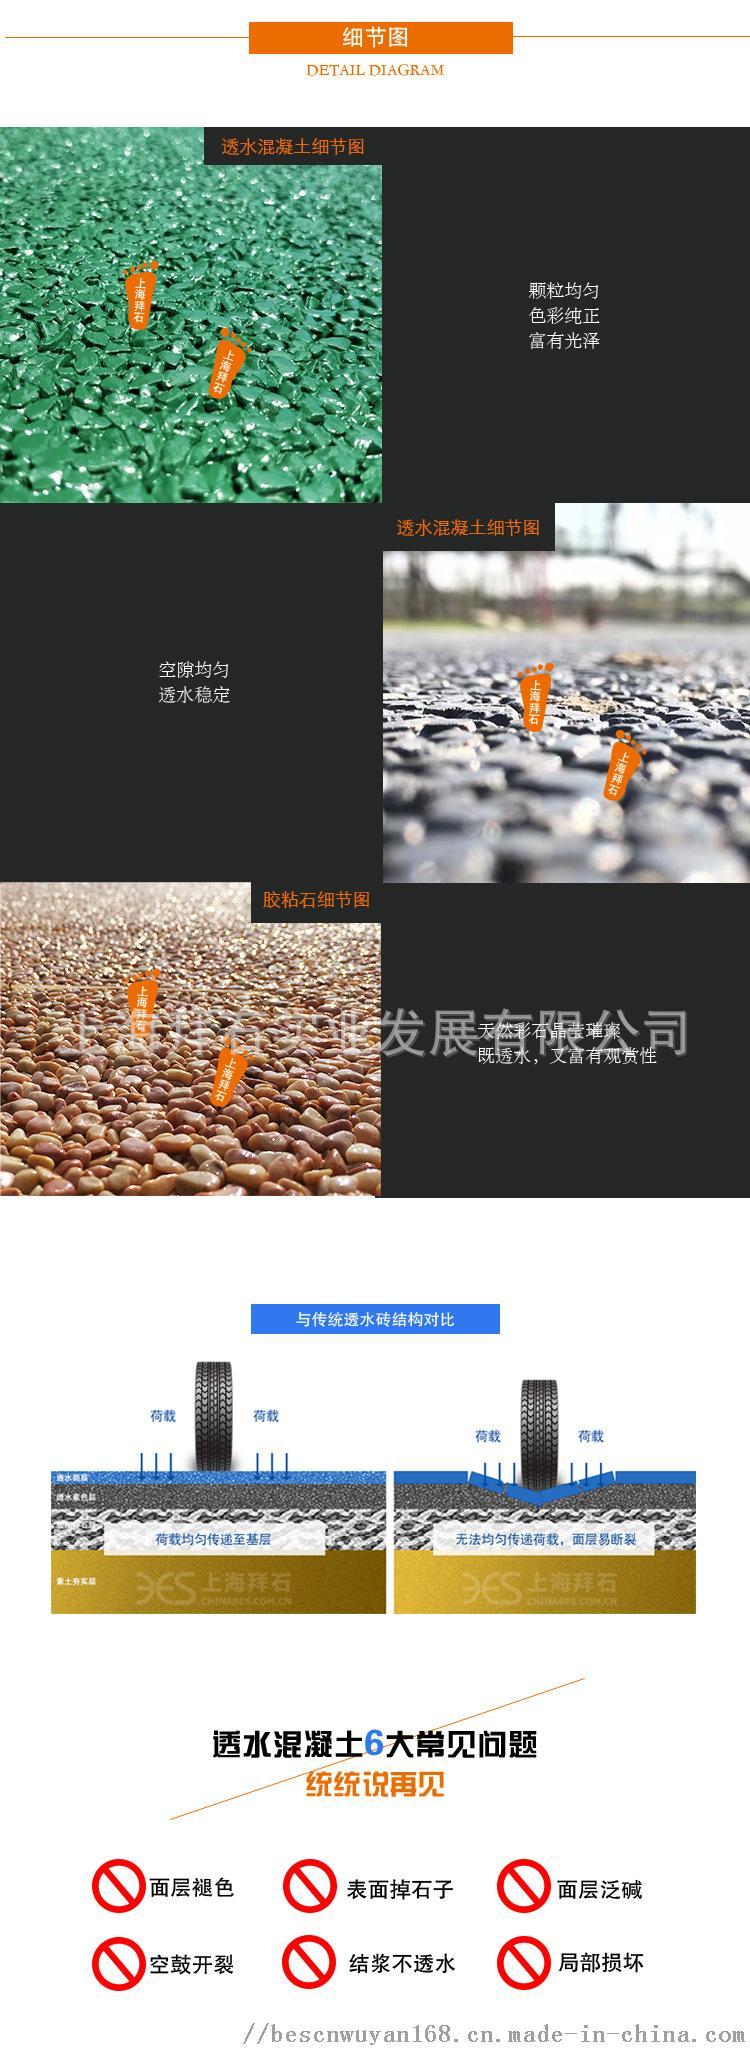 江浙沪皖,生态透水混凝土路面,材料,施工150386845